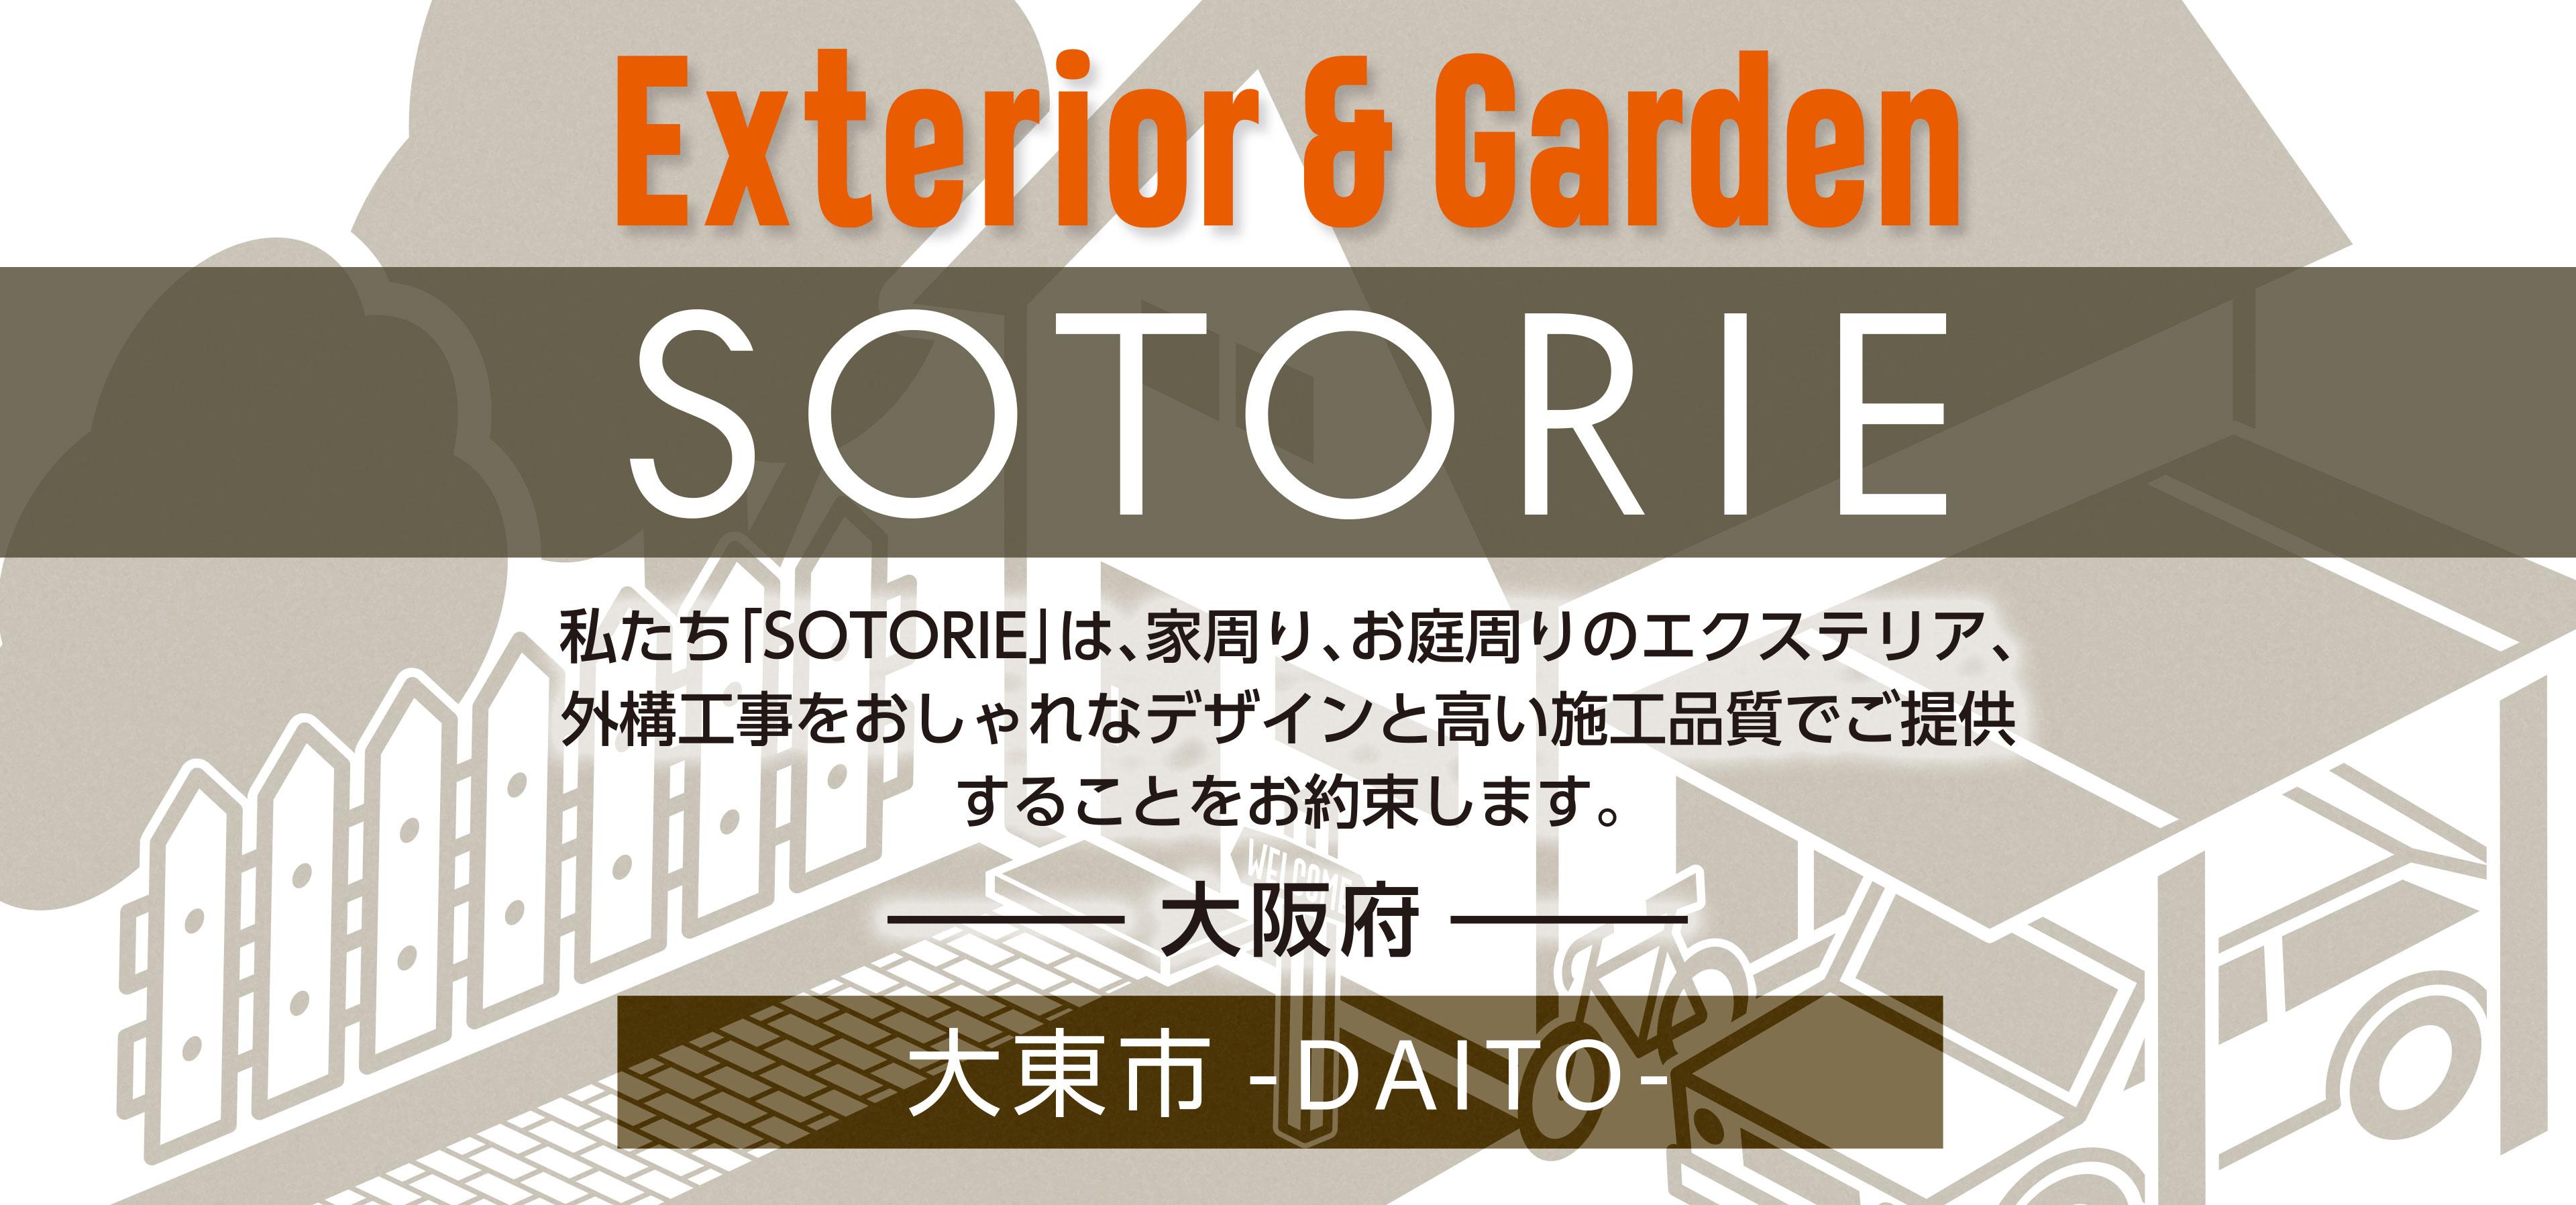 ソトリエ大東市では、家周りと庭周りの外構、エクステリア工事をおしゃれなデザインと高い施工品質でご提供することをお約束します。